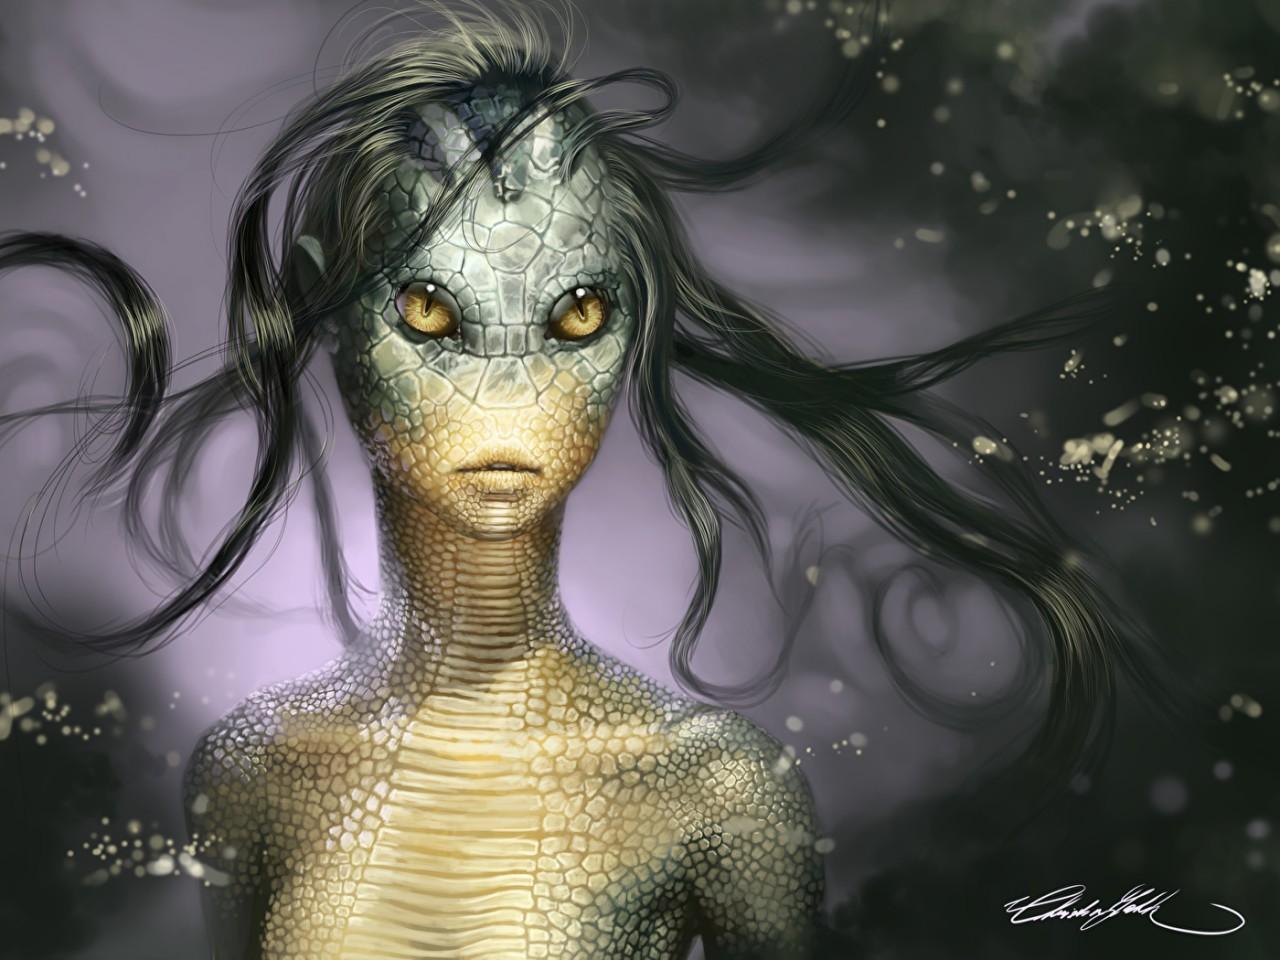 «Давай я расскажу тебе сказку о феях», или как в разных странах описывают это «милое» существо?